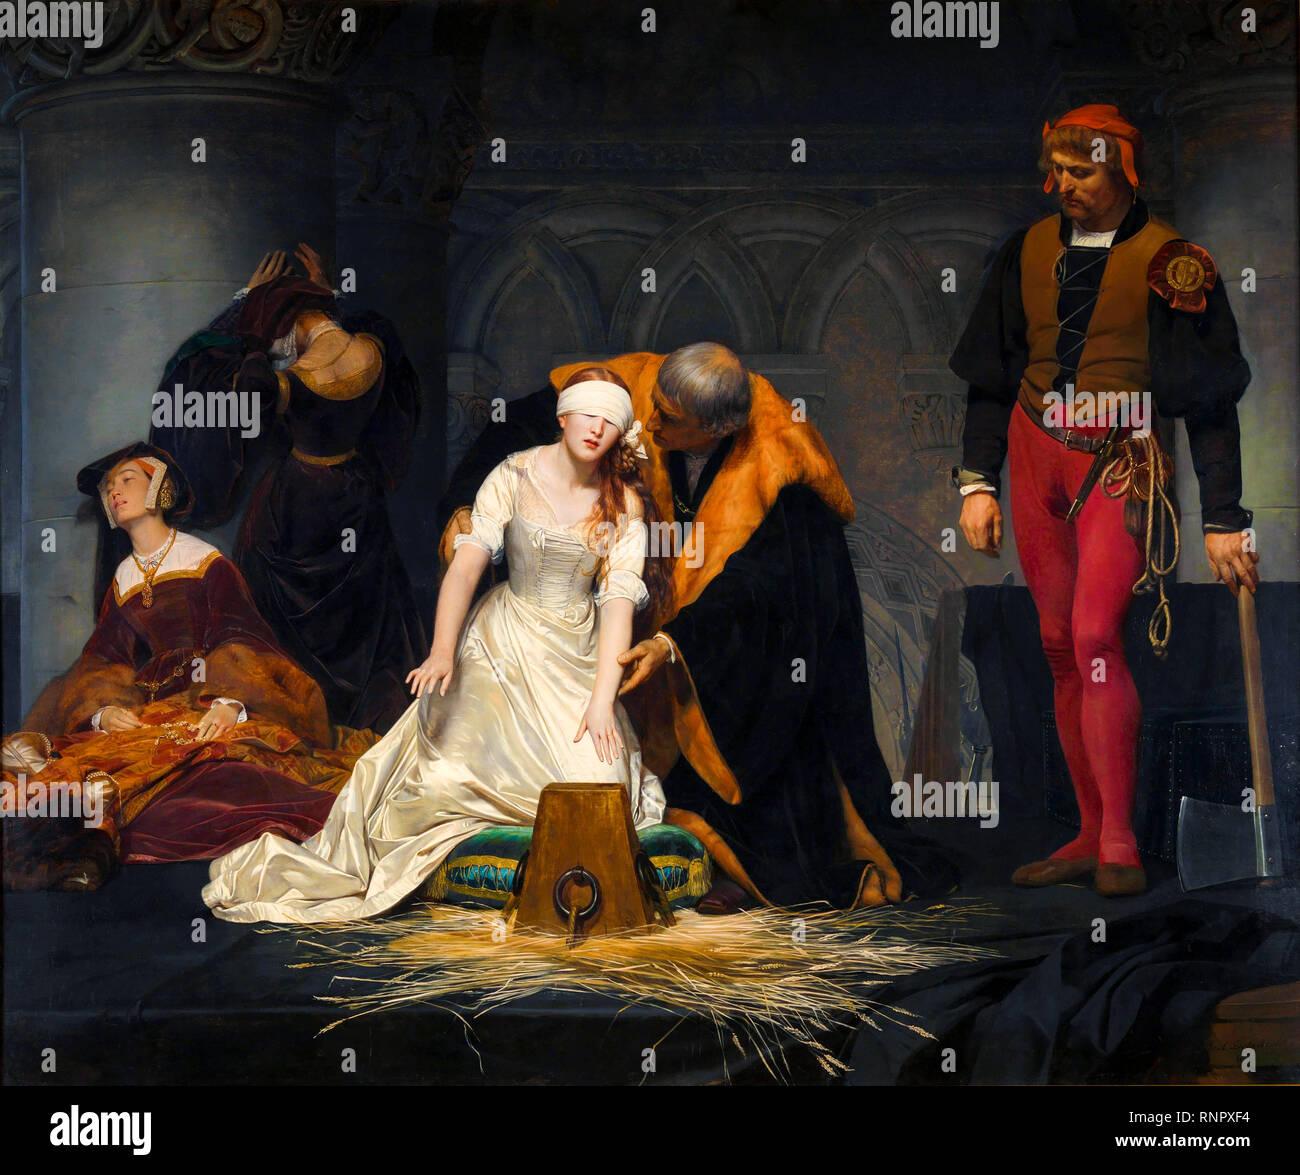 L'esecuzione di Lady Jane Grey nella Torre di Londra nell'anno 1554, Paul Delaroche, 1833, pittura Immagini Stock